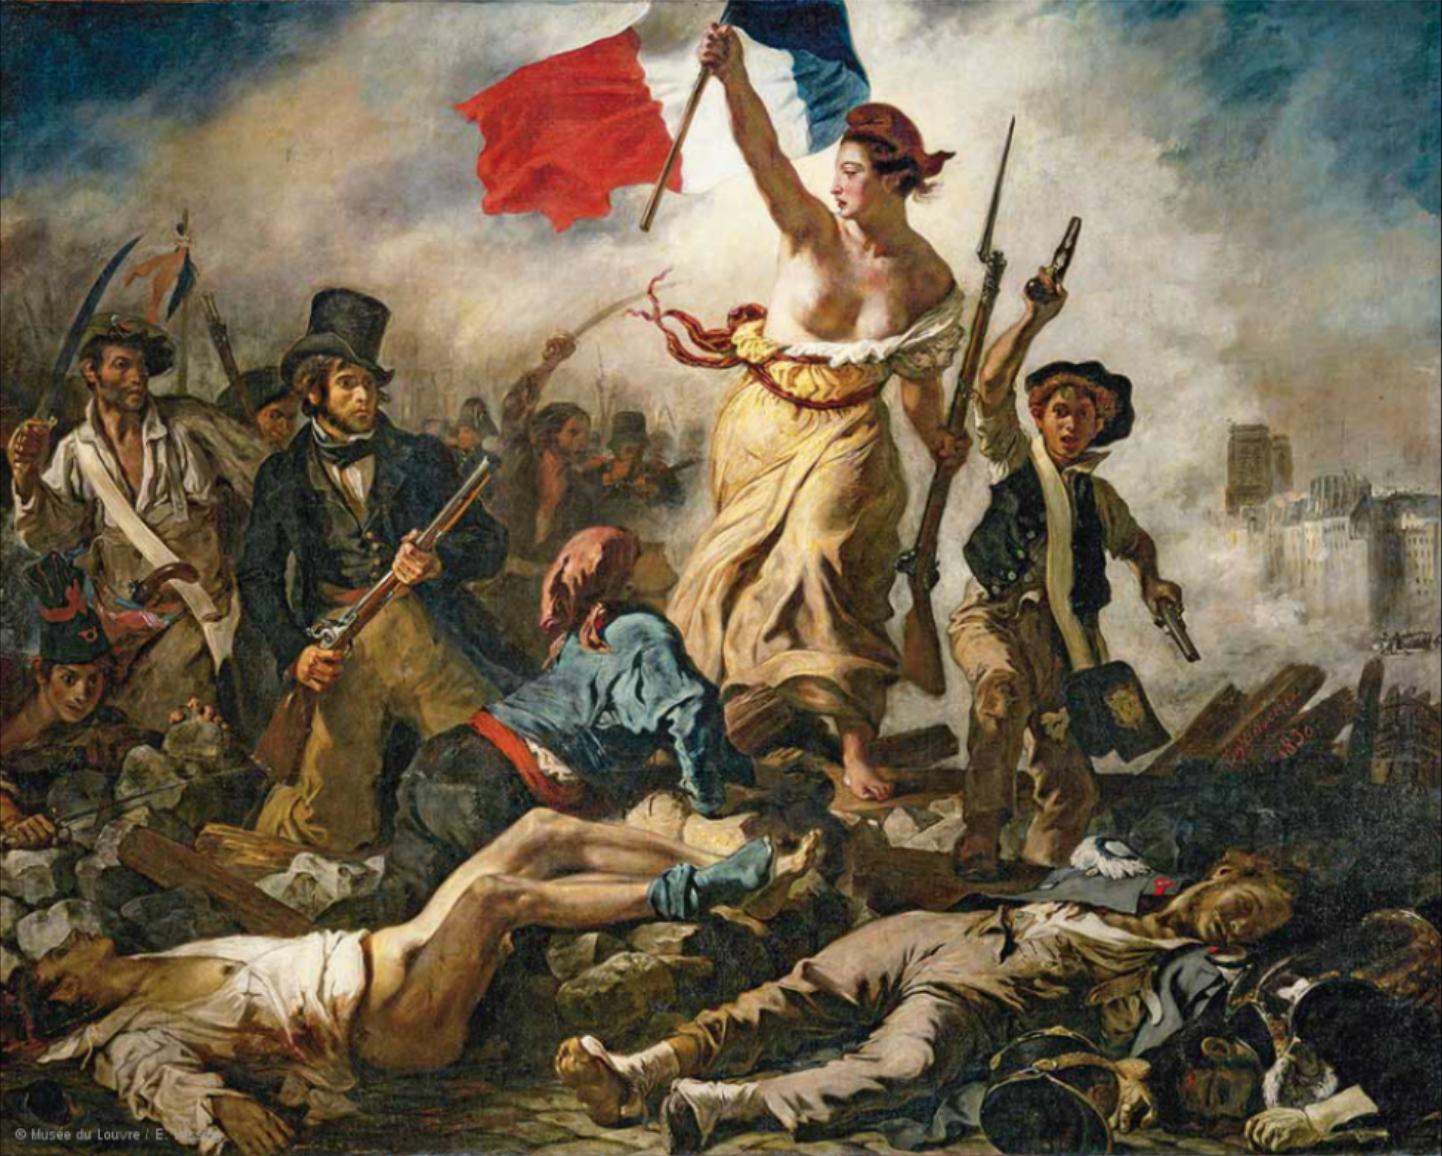 Parigi celebra Delacroix. Una retrospettiva senza precedenti al Louvre